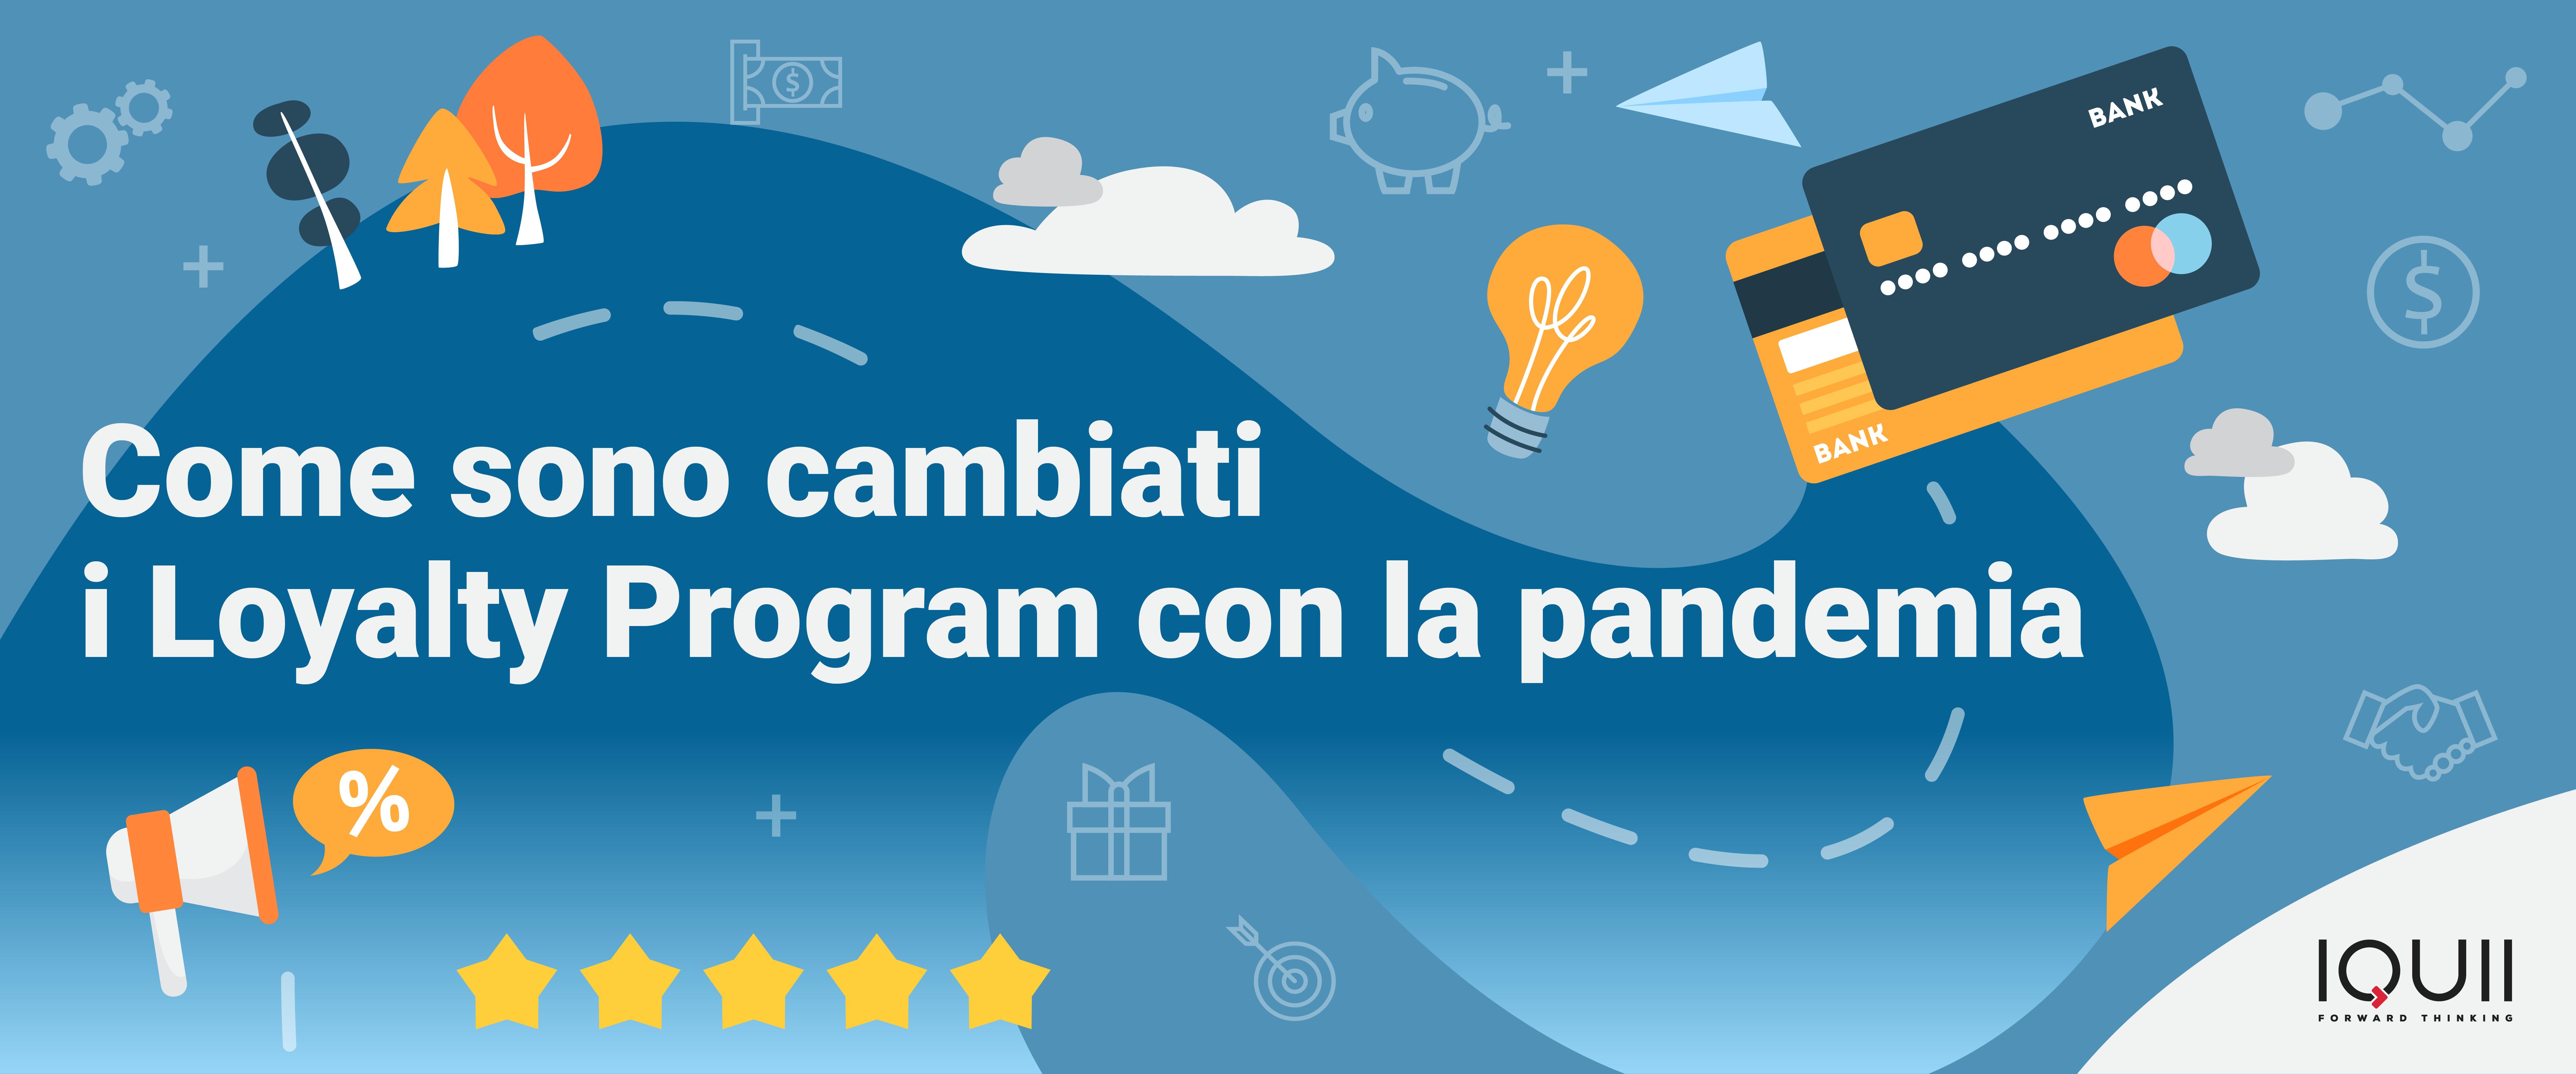 LOYALTY PROGRAM: COME STA CAMBIANDO DURANTE IL COVID-19